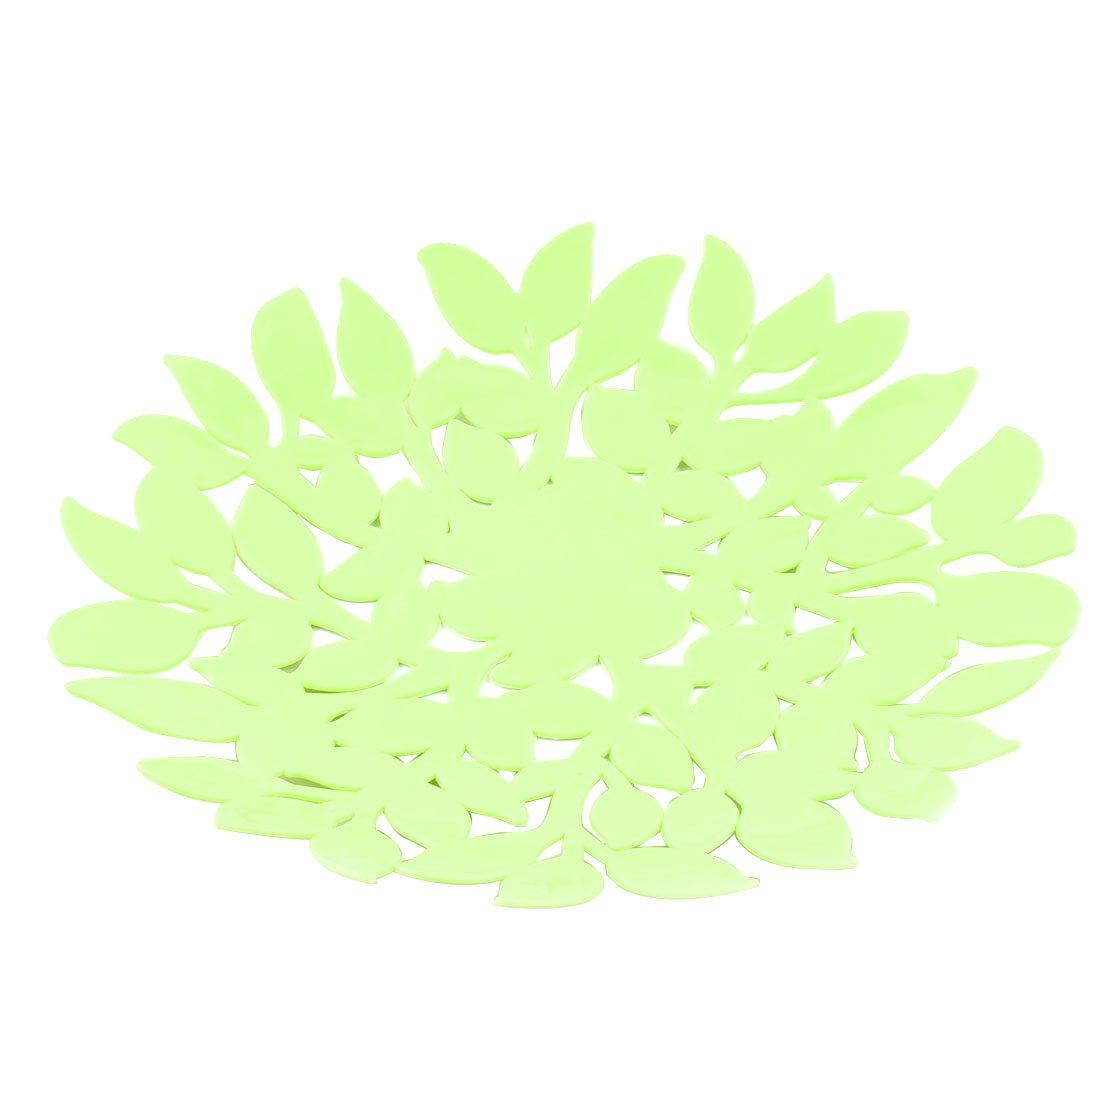 uxcell Plastic Home Leaf Design Fuit Banana Apple Vegetable Candy Holder Plate Basket Green